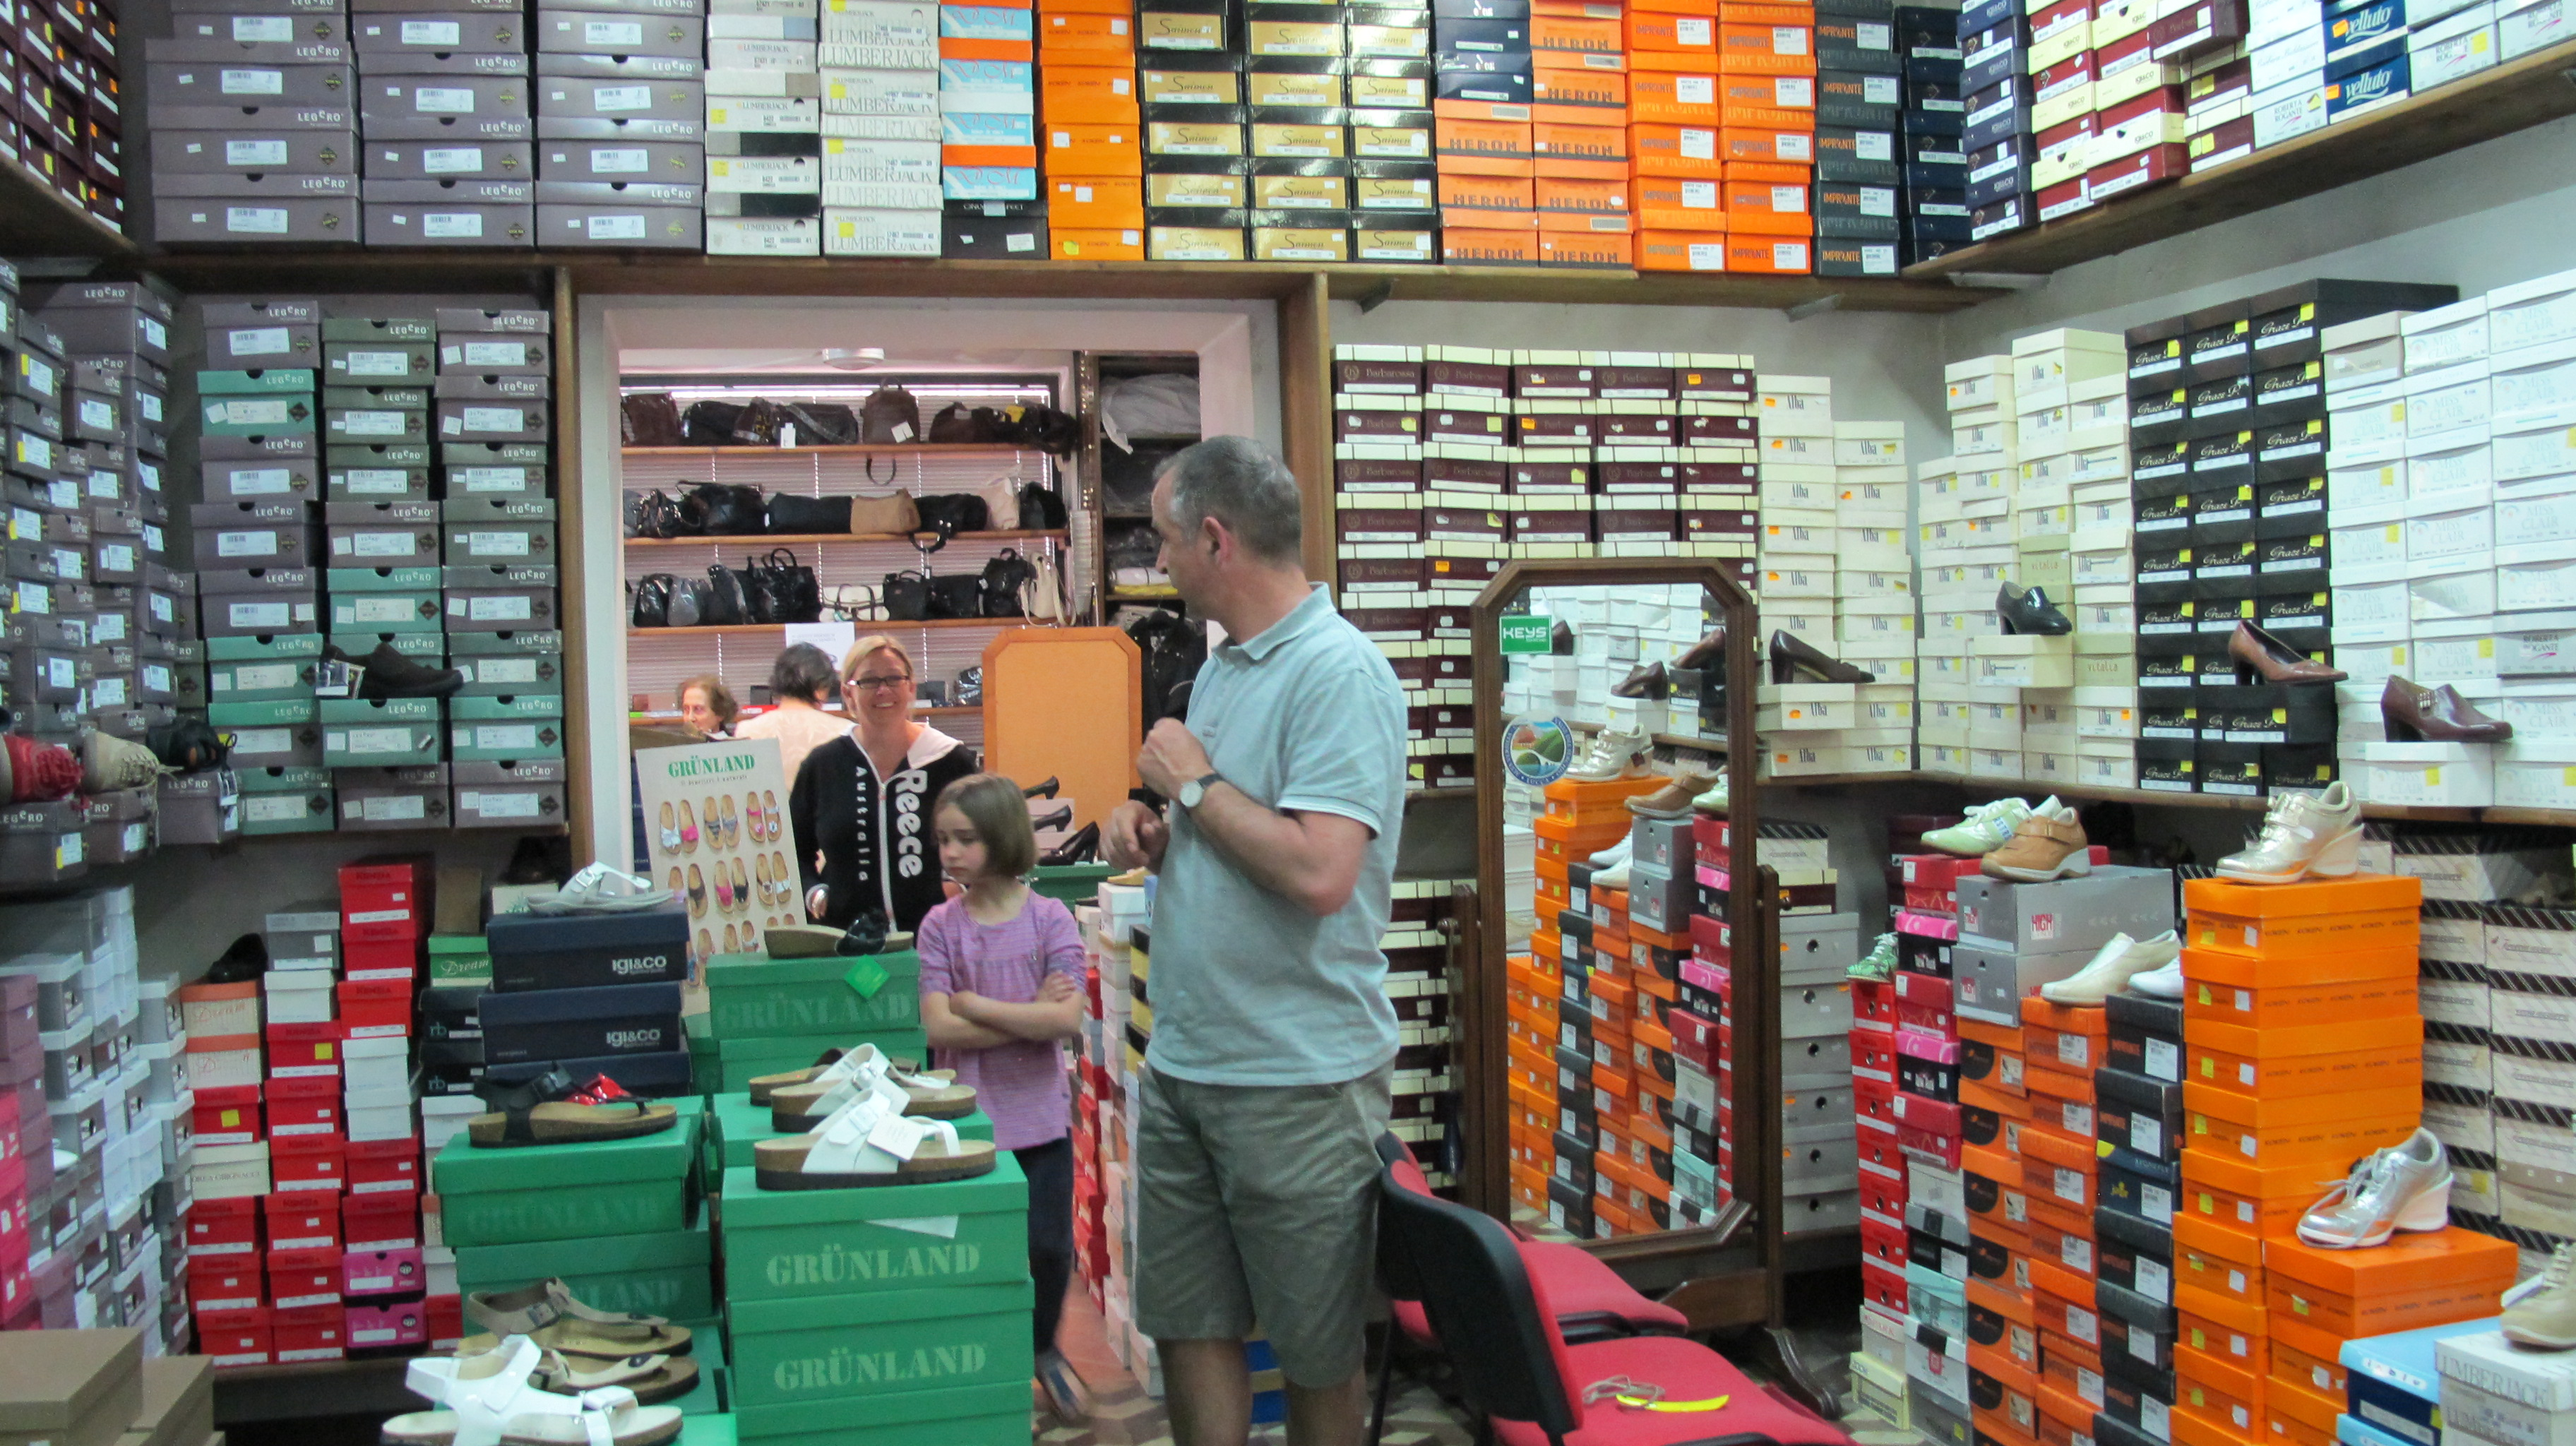 Bagni Di Lucca Has A Very Big Shoe Shop Bagni Di Lucca